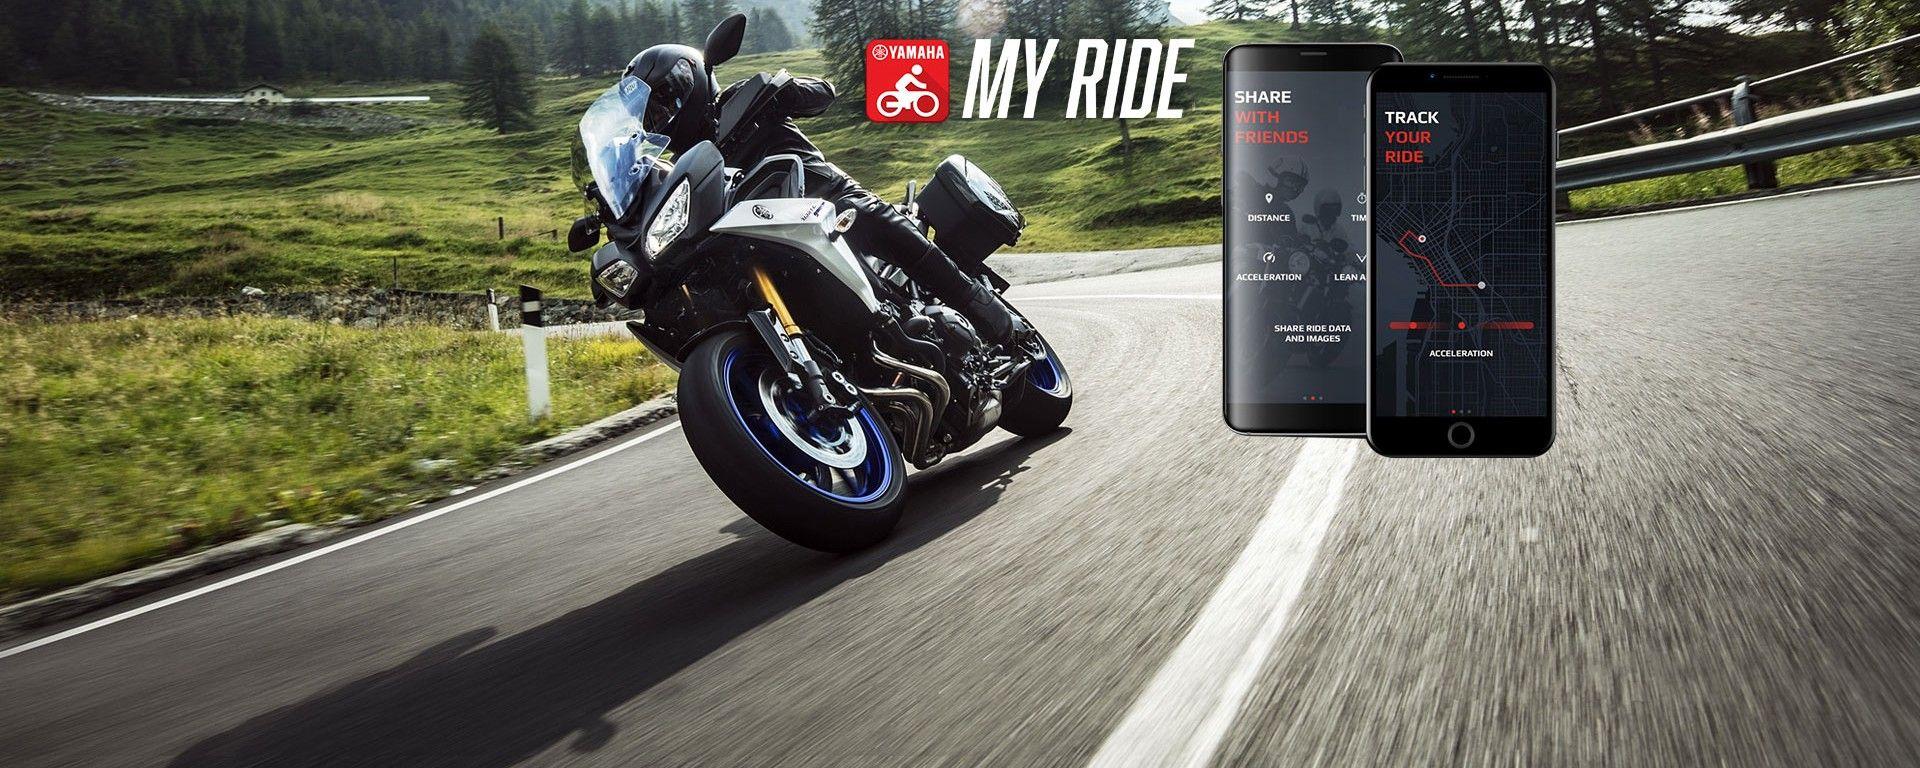 Yamaha MyRide: l'app tuttofare per motociclisti di ogni fede